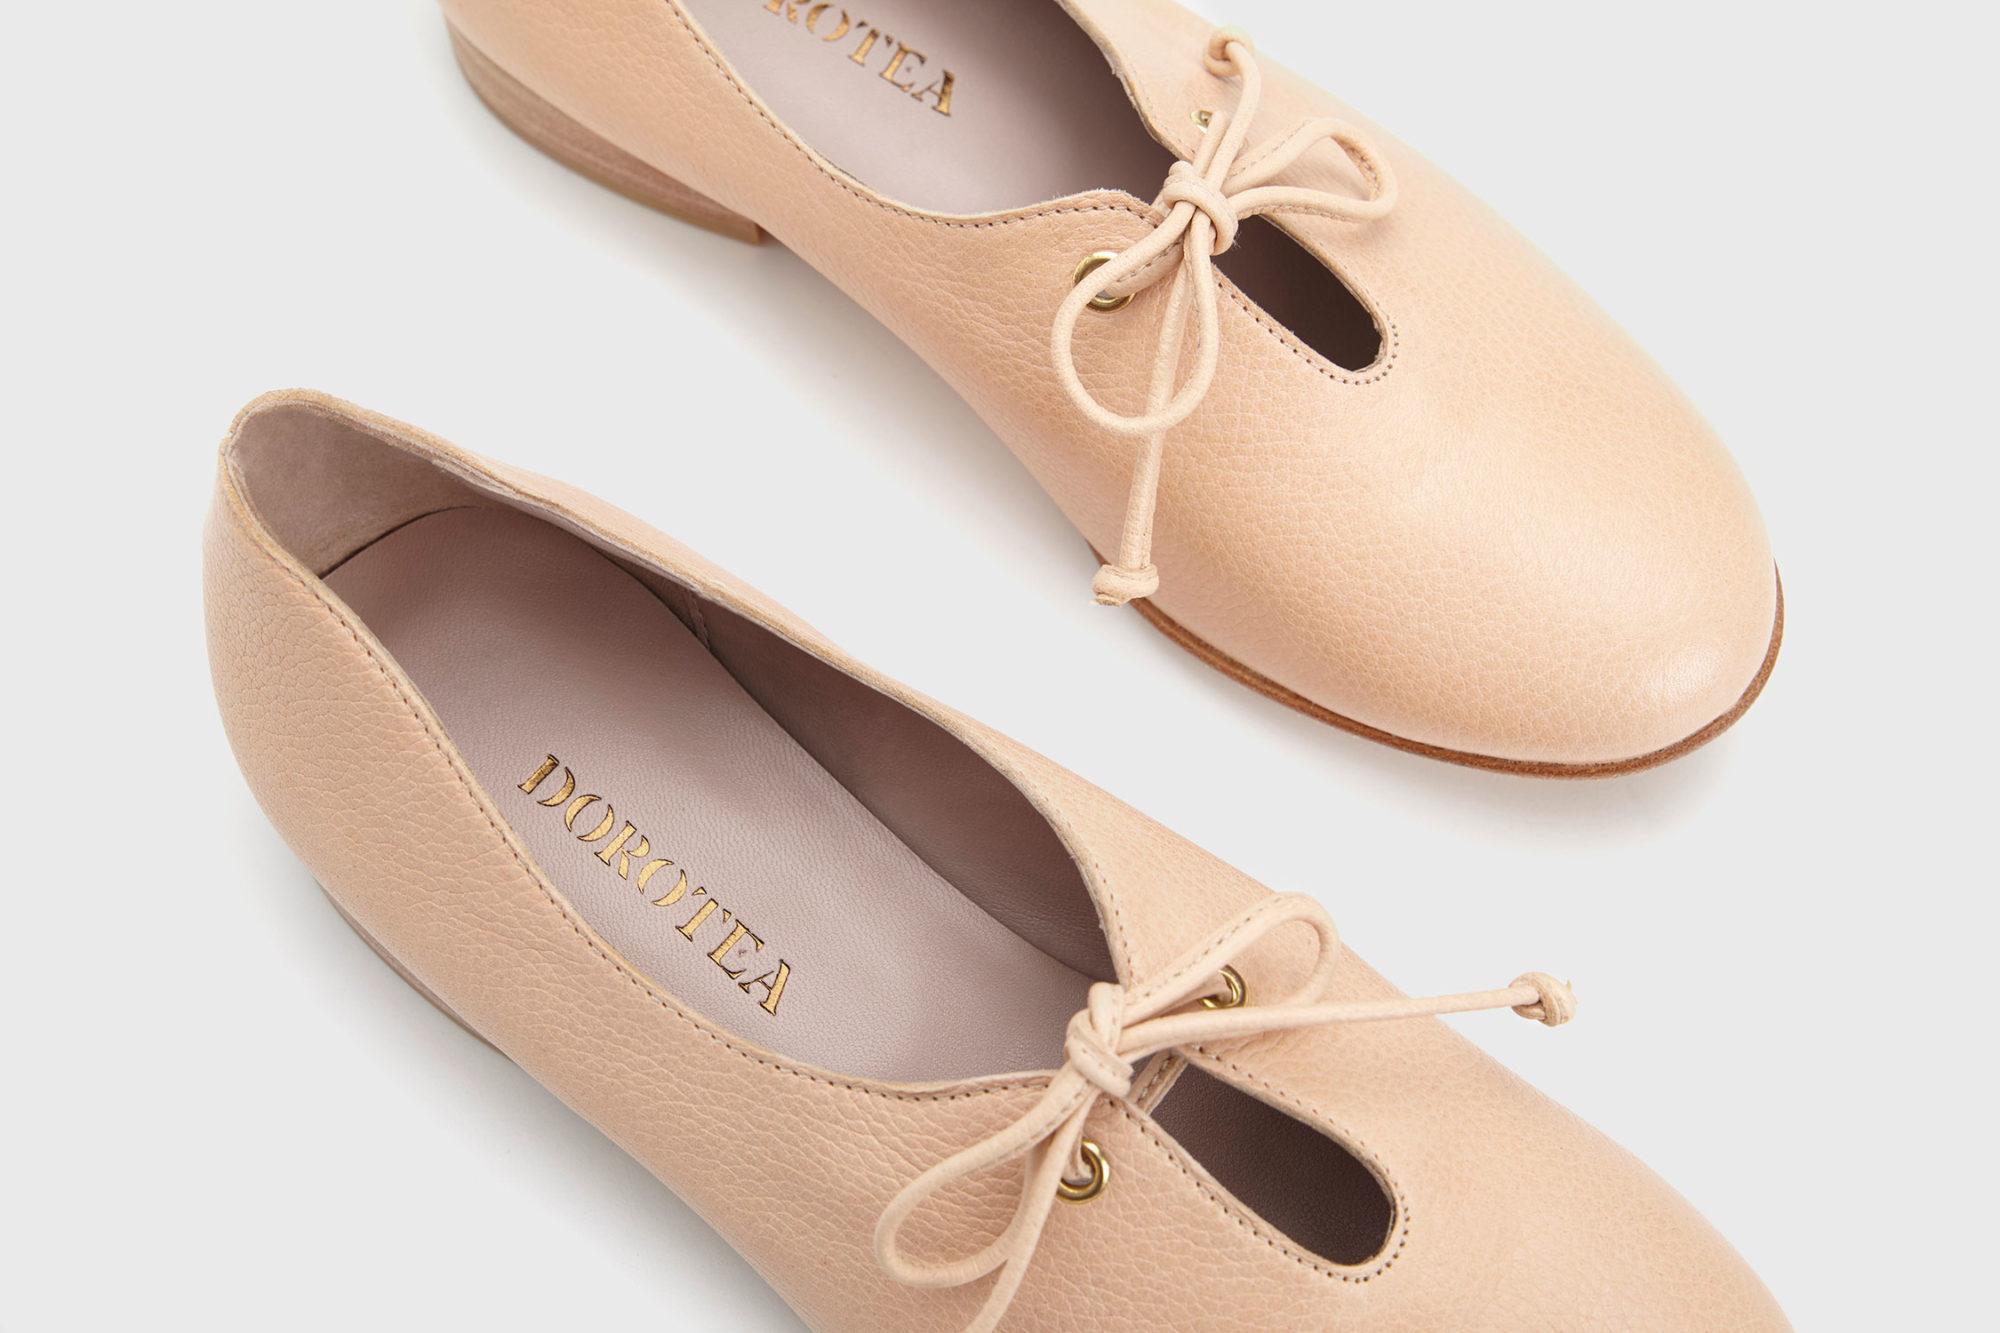 Dorotea zapato de cordones Carrie nude ss17 detalle